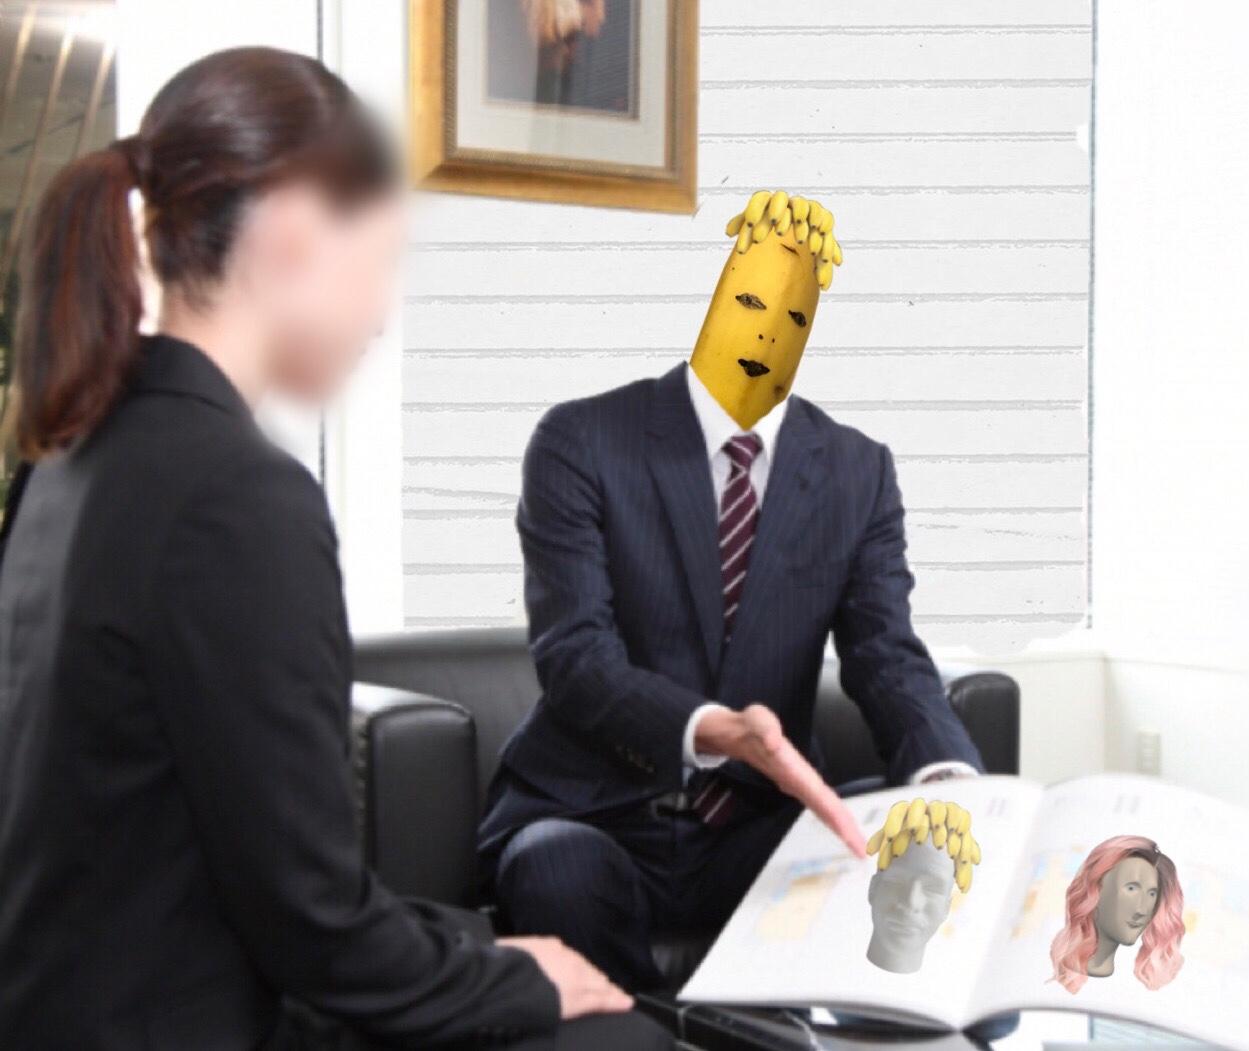 バナナの購入を提案するバナナ人